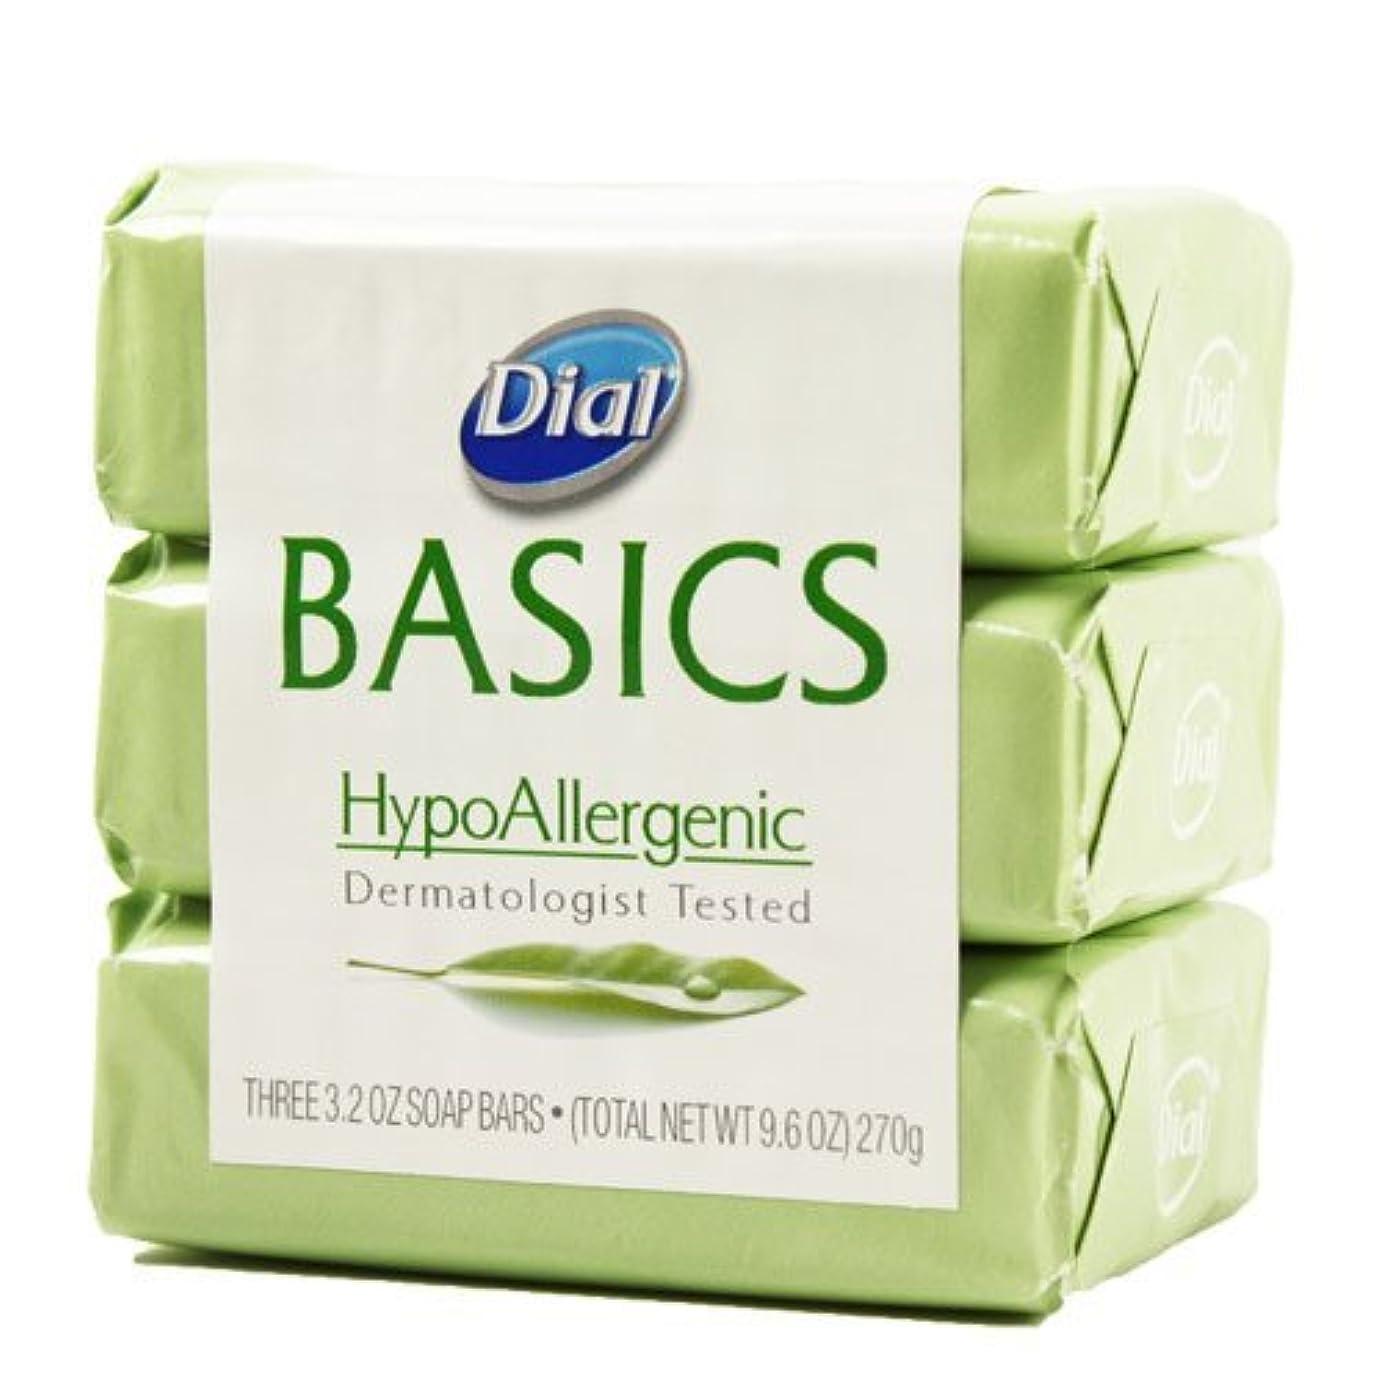 連想カメ暗くするDial Basics HypoAllergenic Dermatologist Tested Bar Soap, 3.2 oz (18 Bars) by Basics